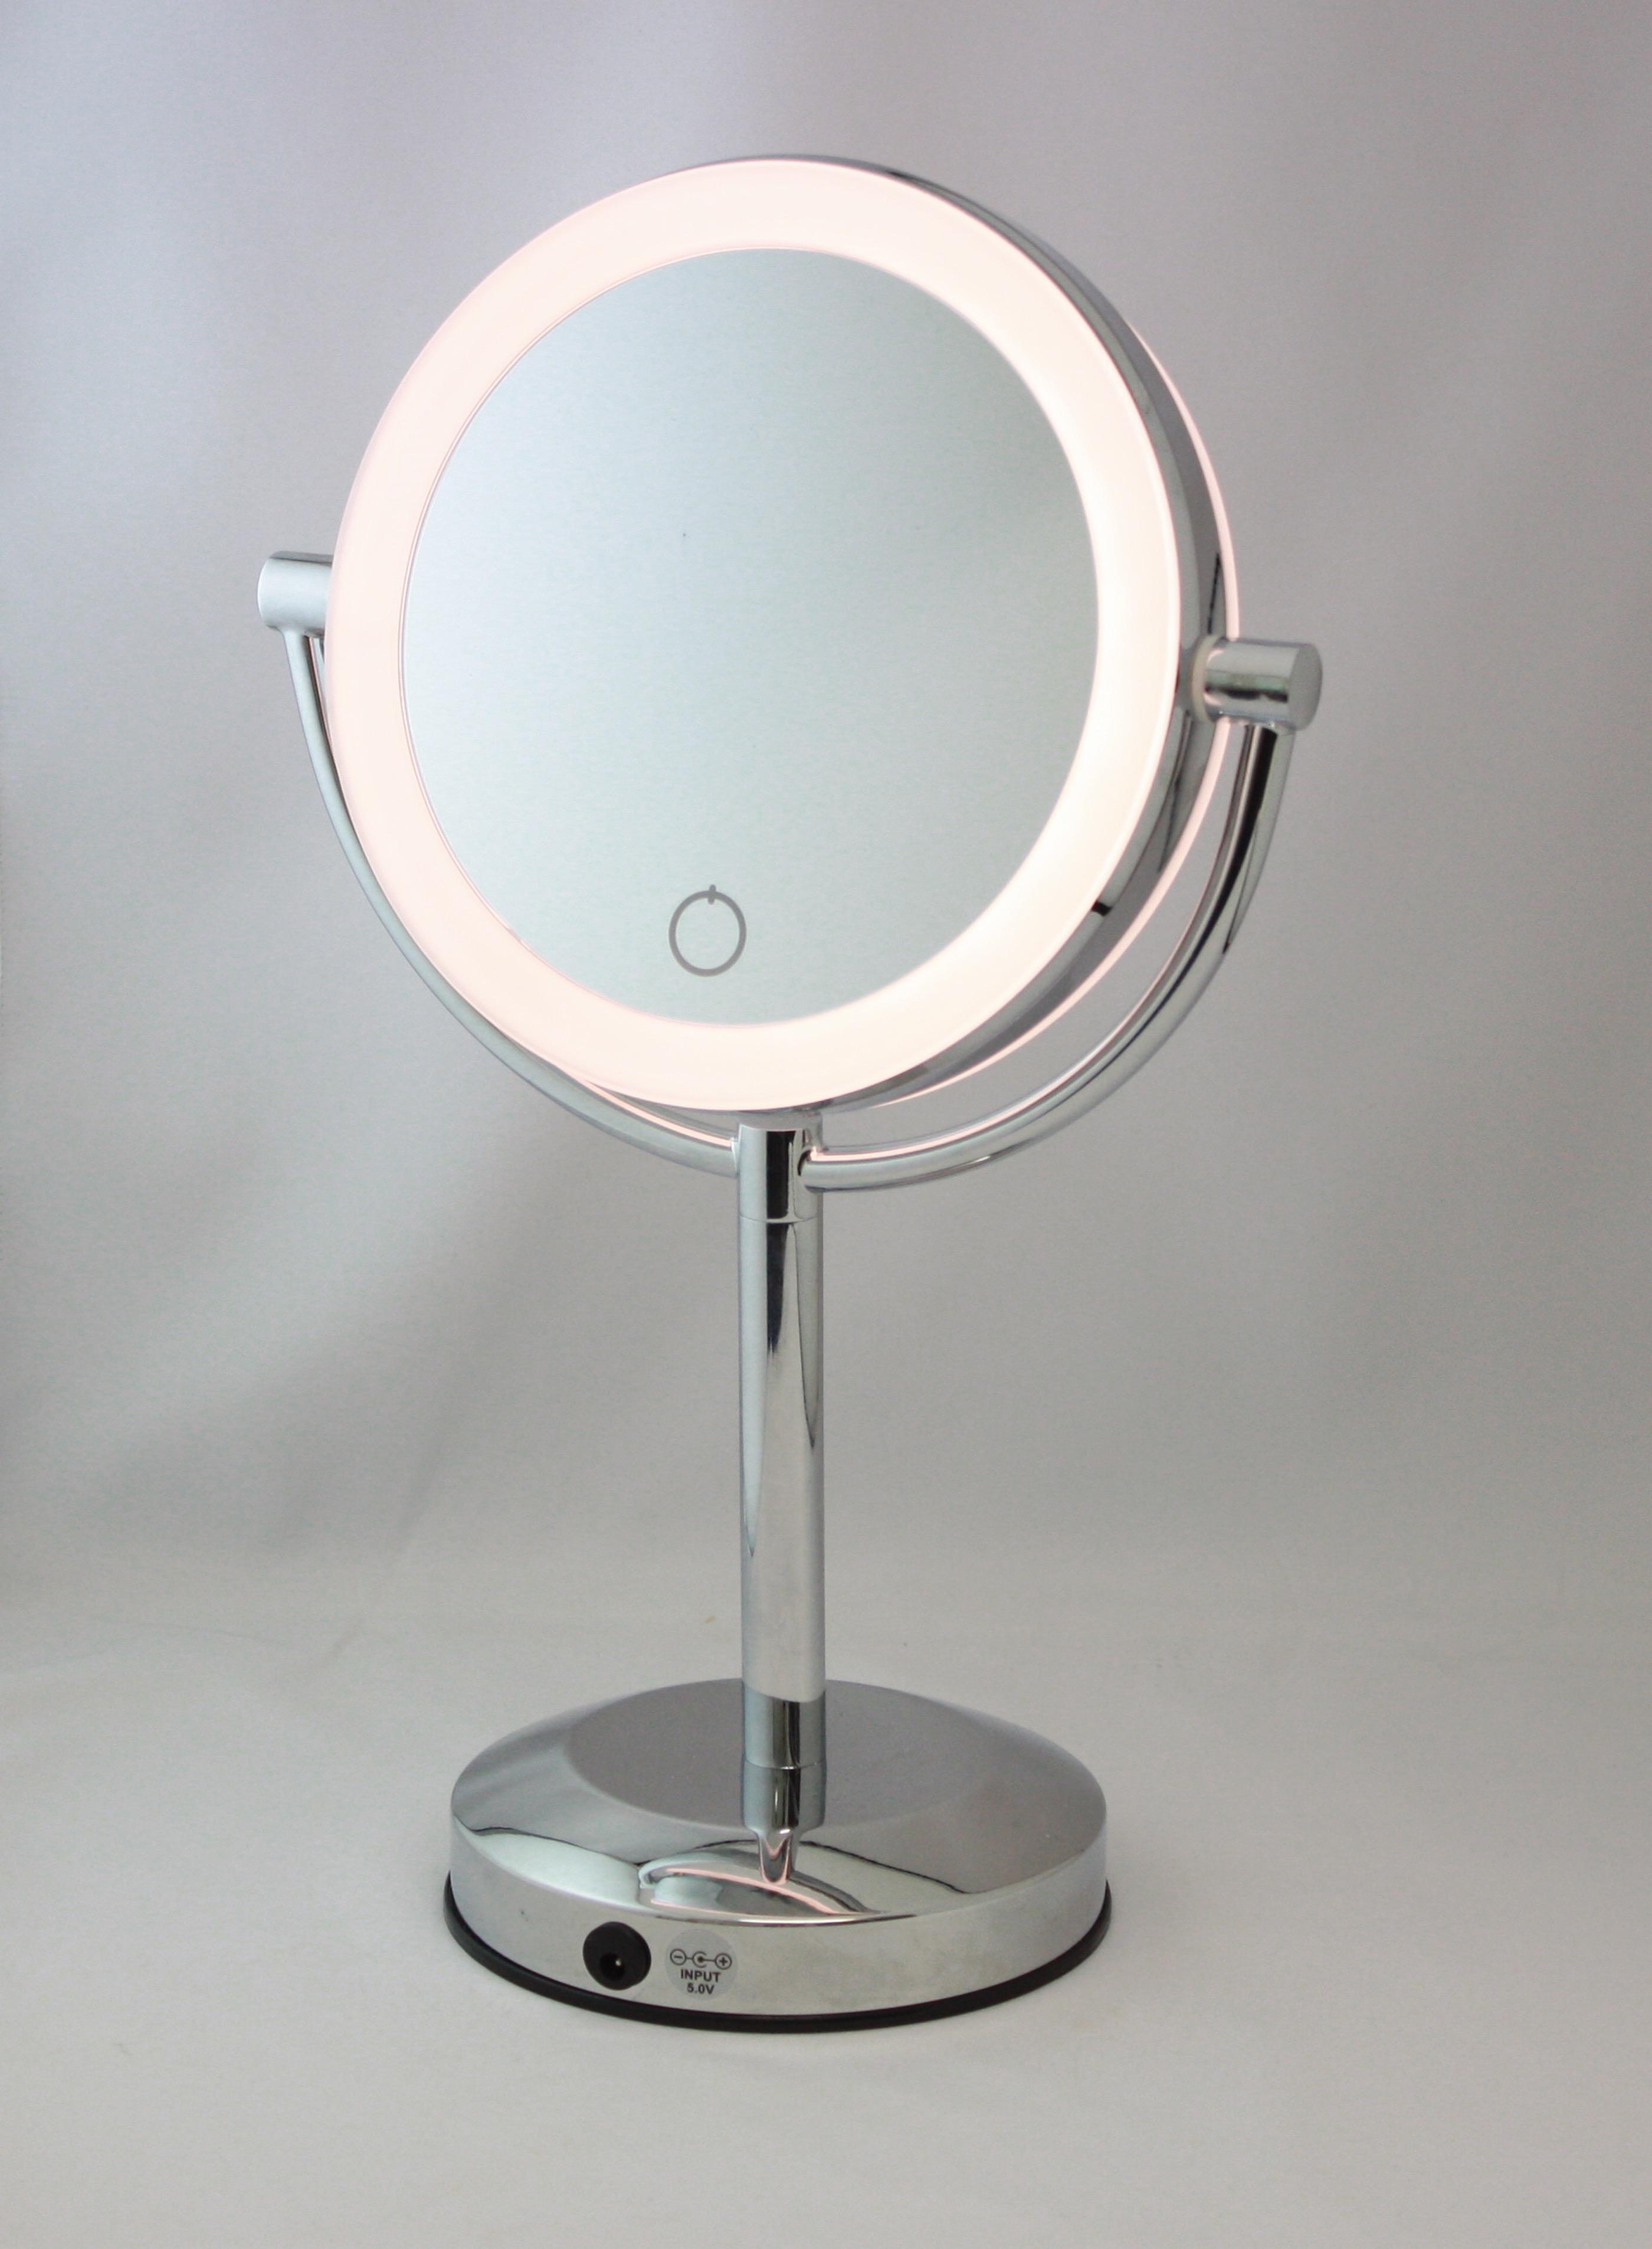 歪みのないハイクオリティ LED付拡大鏡 等倍 5倍 ワンタッチで点灯 お洒落 アイキャッチEC005LXAC-5X12時までの注文で即日発送 メーカー公式 真実の鏡Luxe-両面型 off切替調色機能グレードアップ 正規品 on